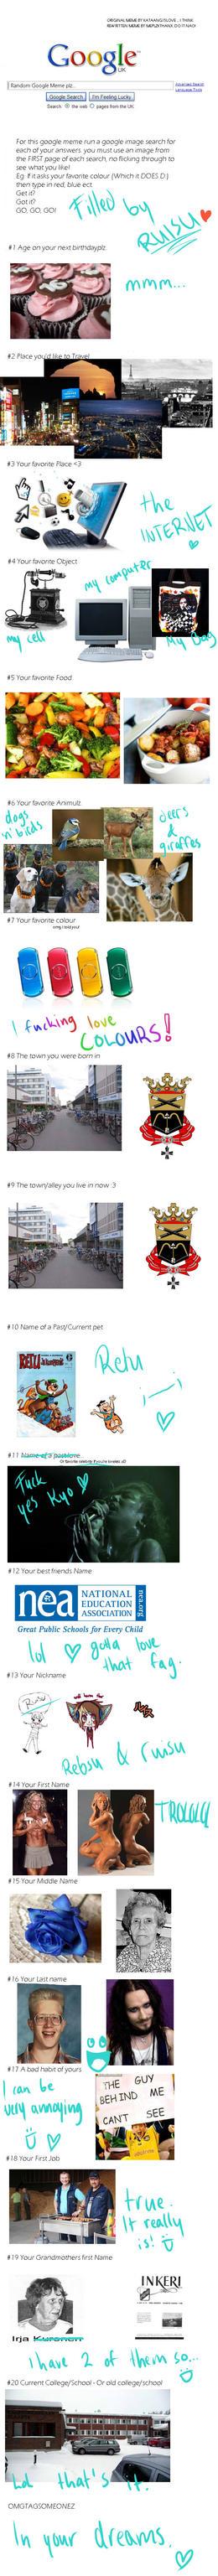 ggl meme by Rebsu